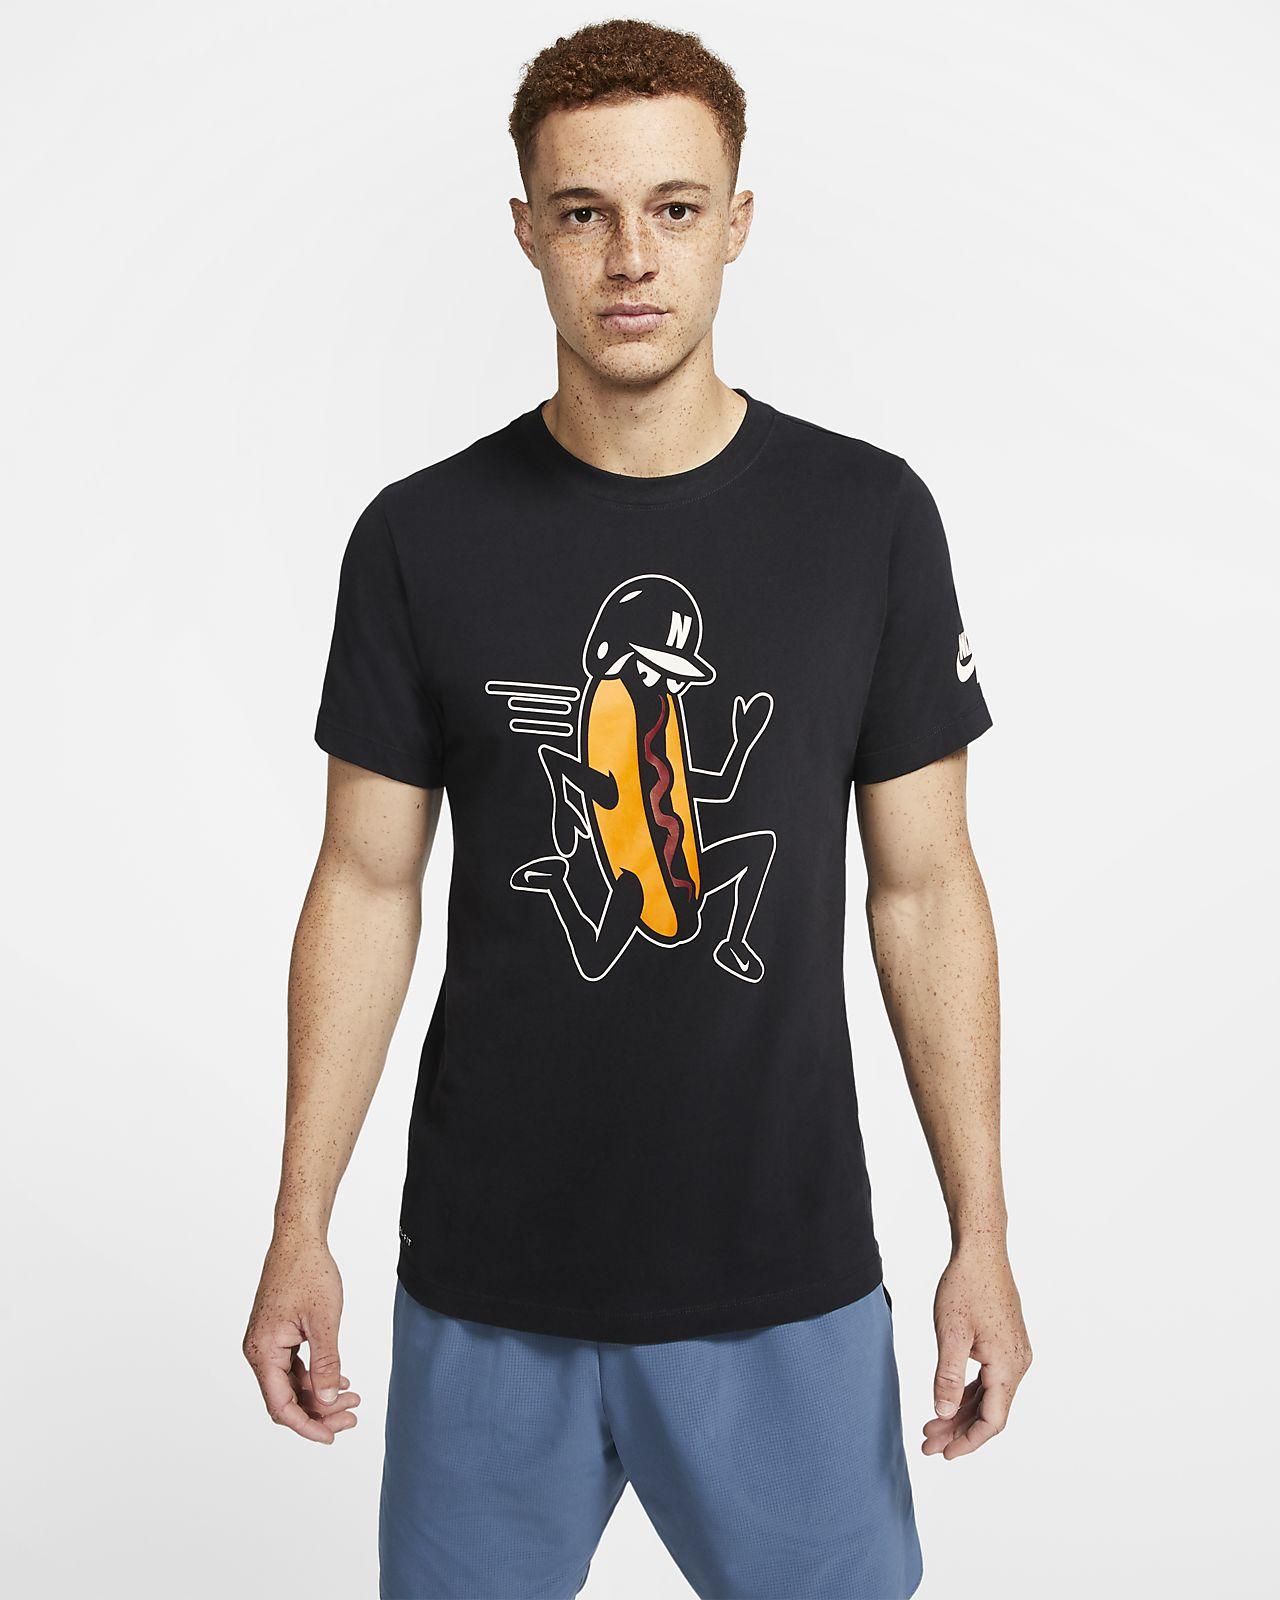 Nike Dri-FIT Men's Baseball T-Shirt